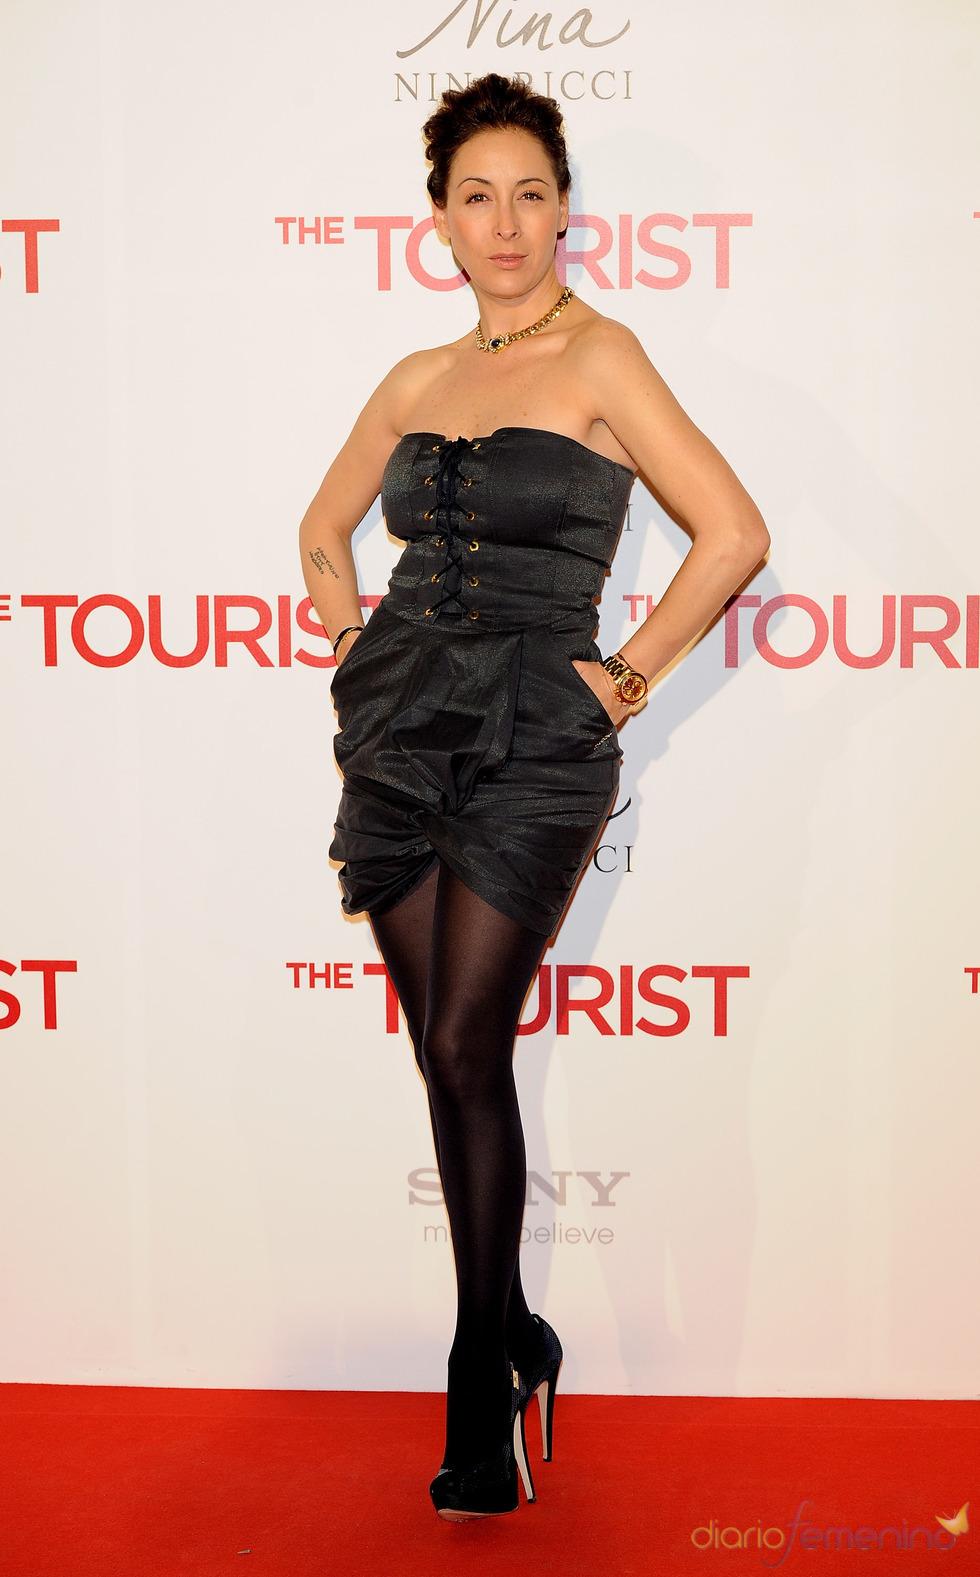 Adriana Lavat en la premiere de 'The Tourist' en Madrid